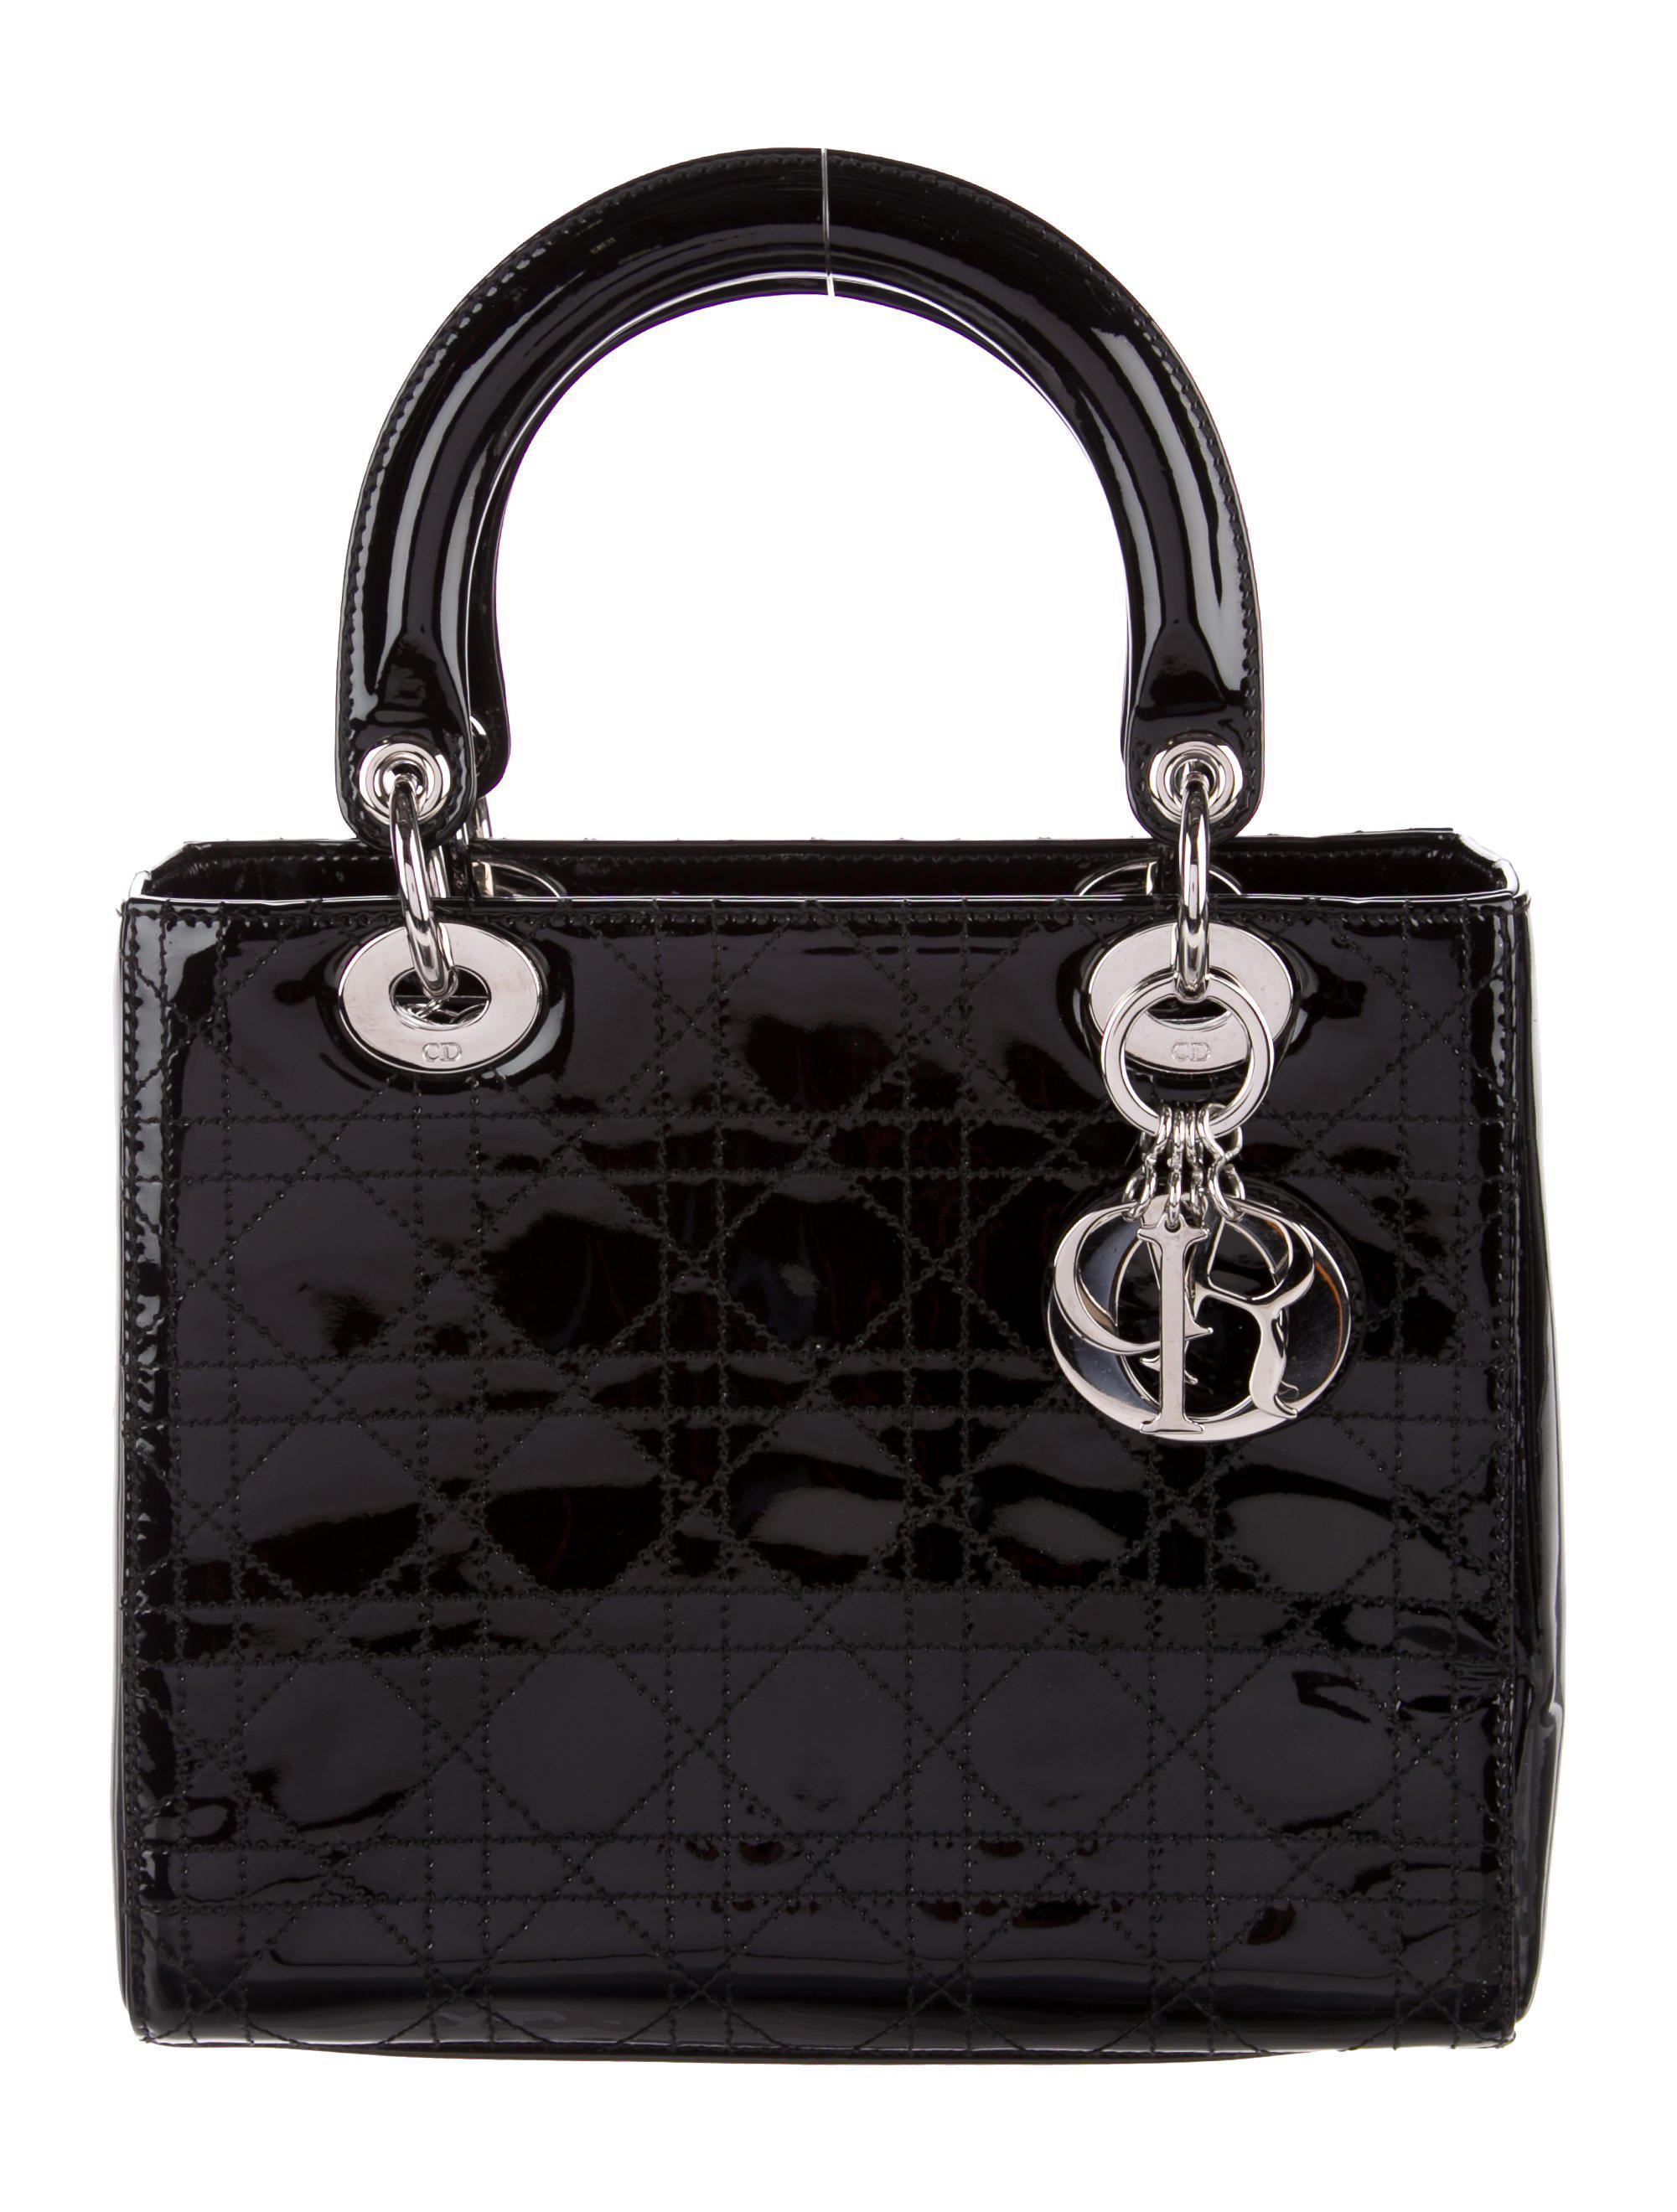 9586ef0448ab Lyst - Dior Medium Lady Bag Black in Metallic